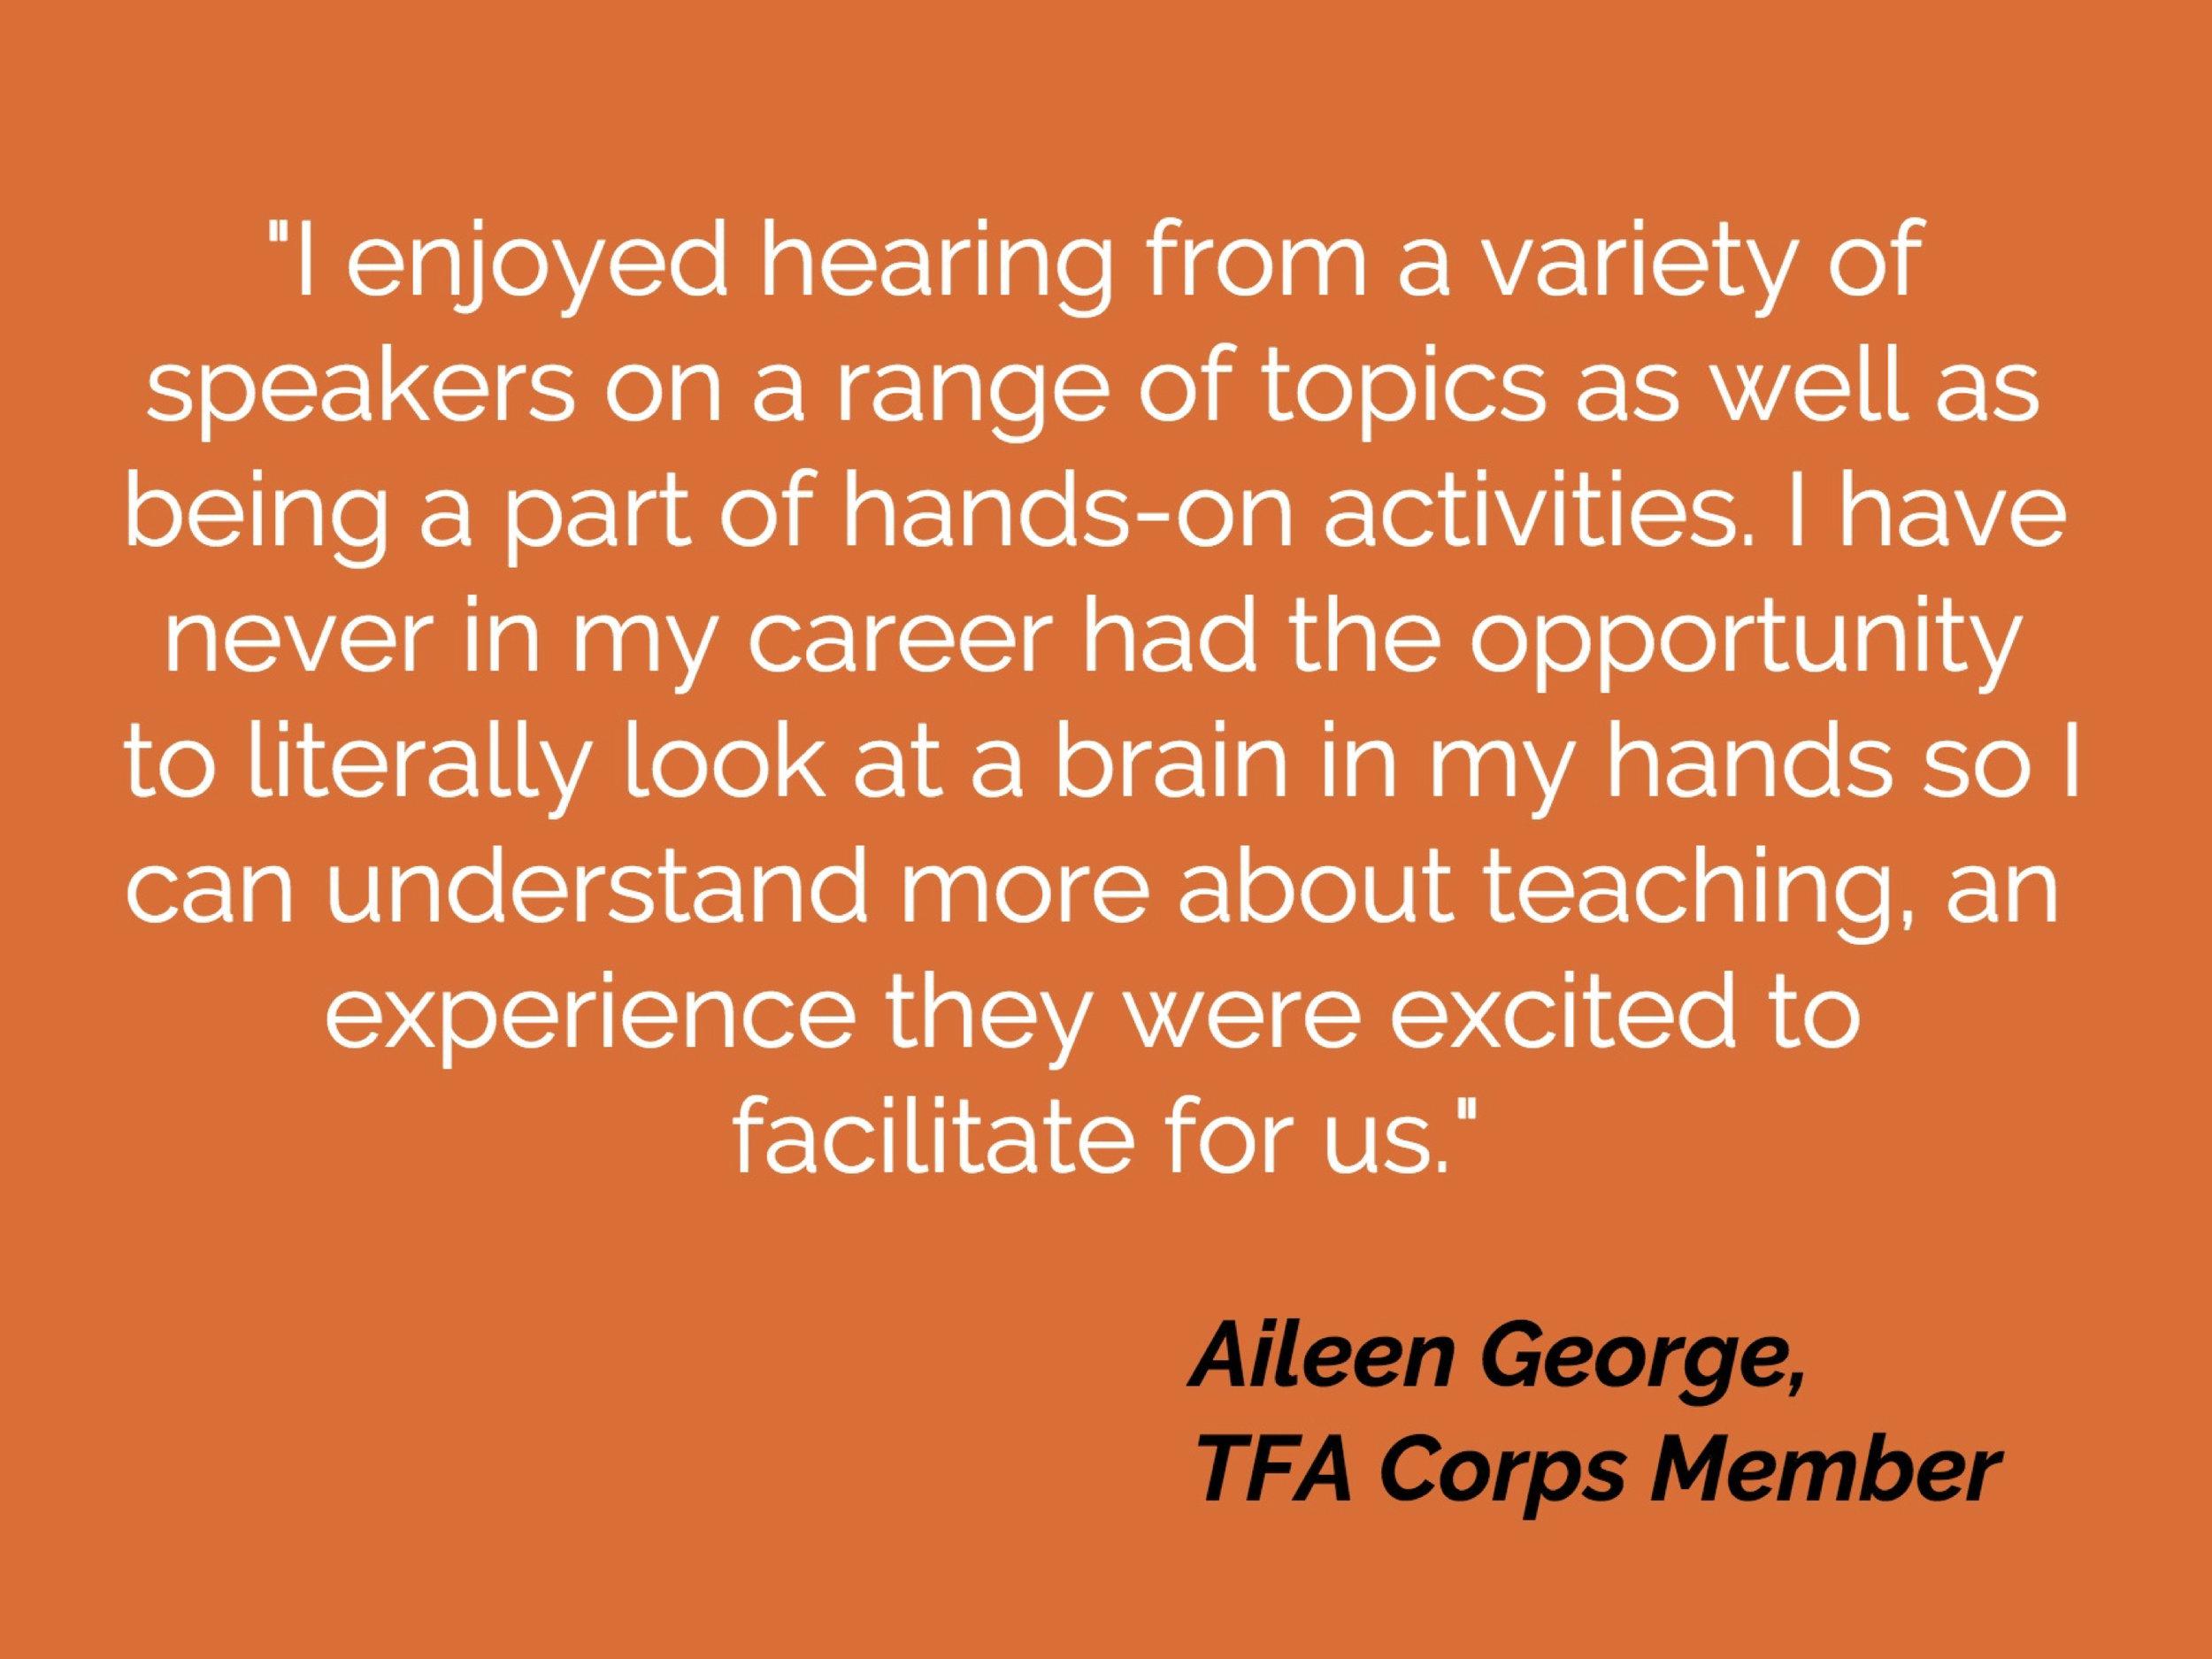 AIleen George Testimonial.jpg